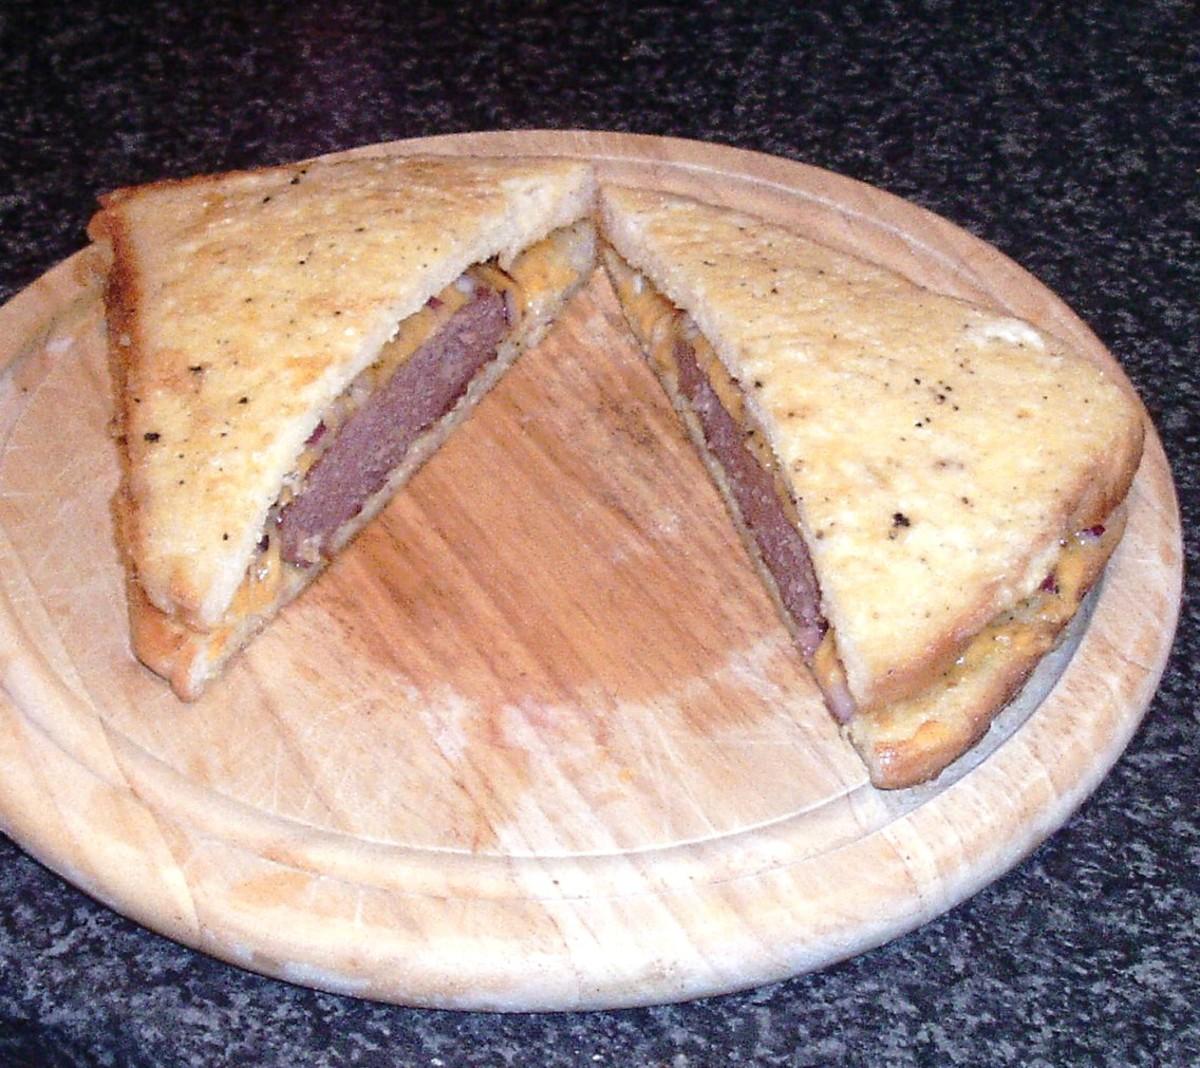 Belgian blue beef eggy bread sandwich is halved